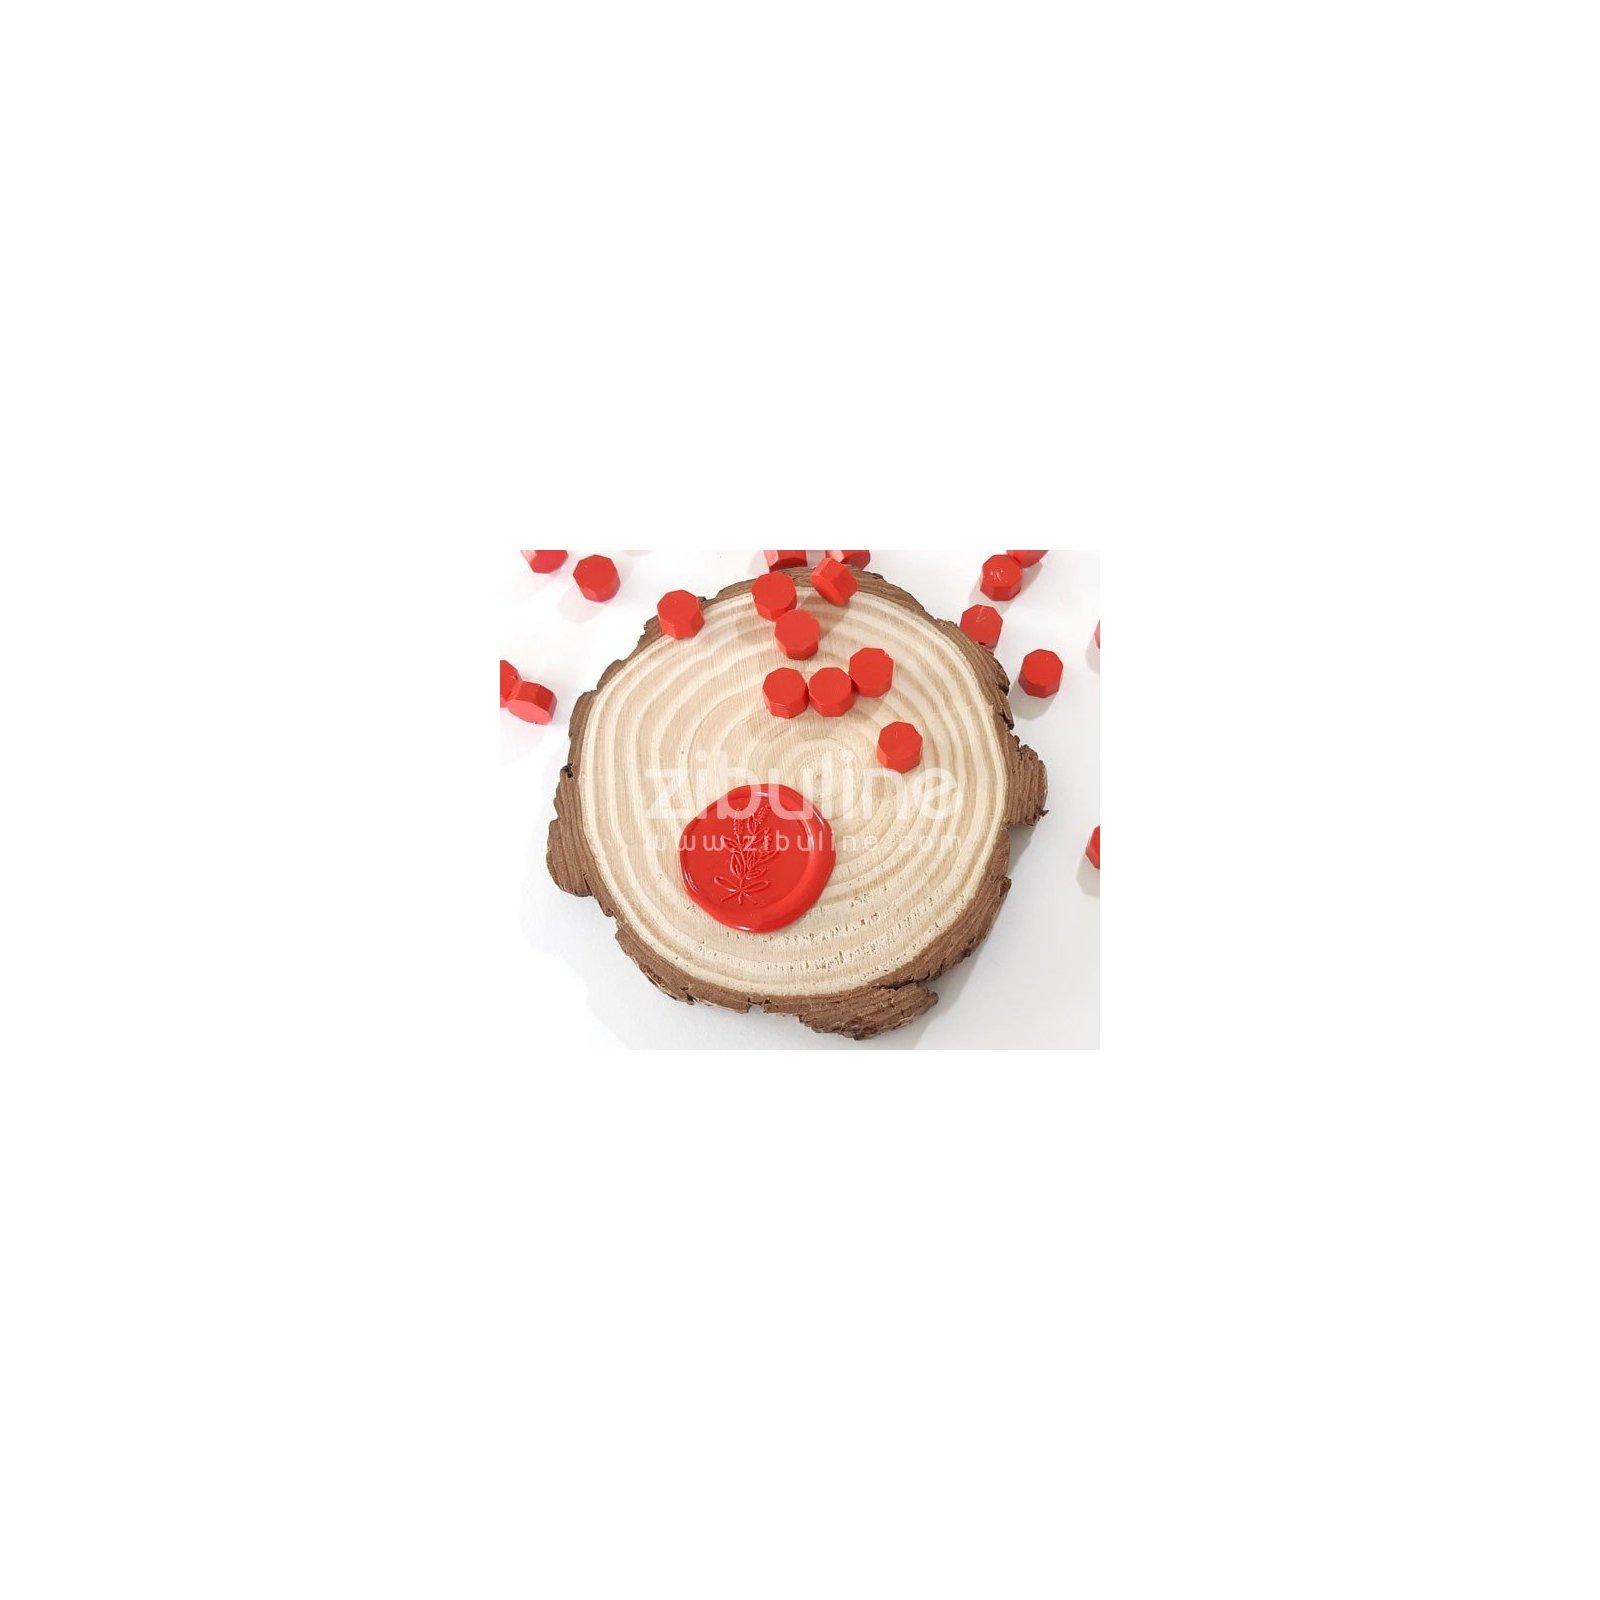 Pastilles de cire - Corail - Zibuline